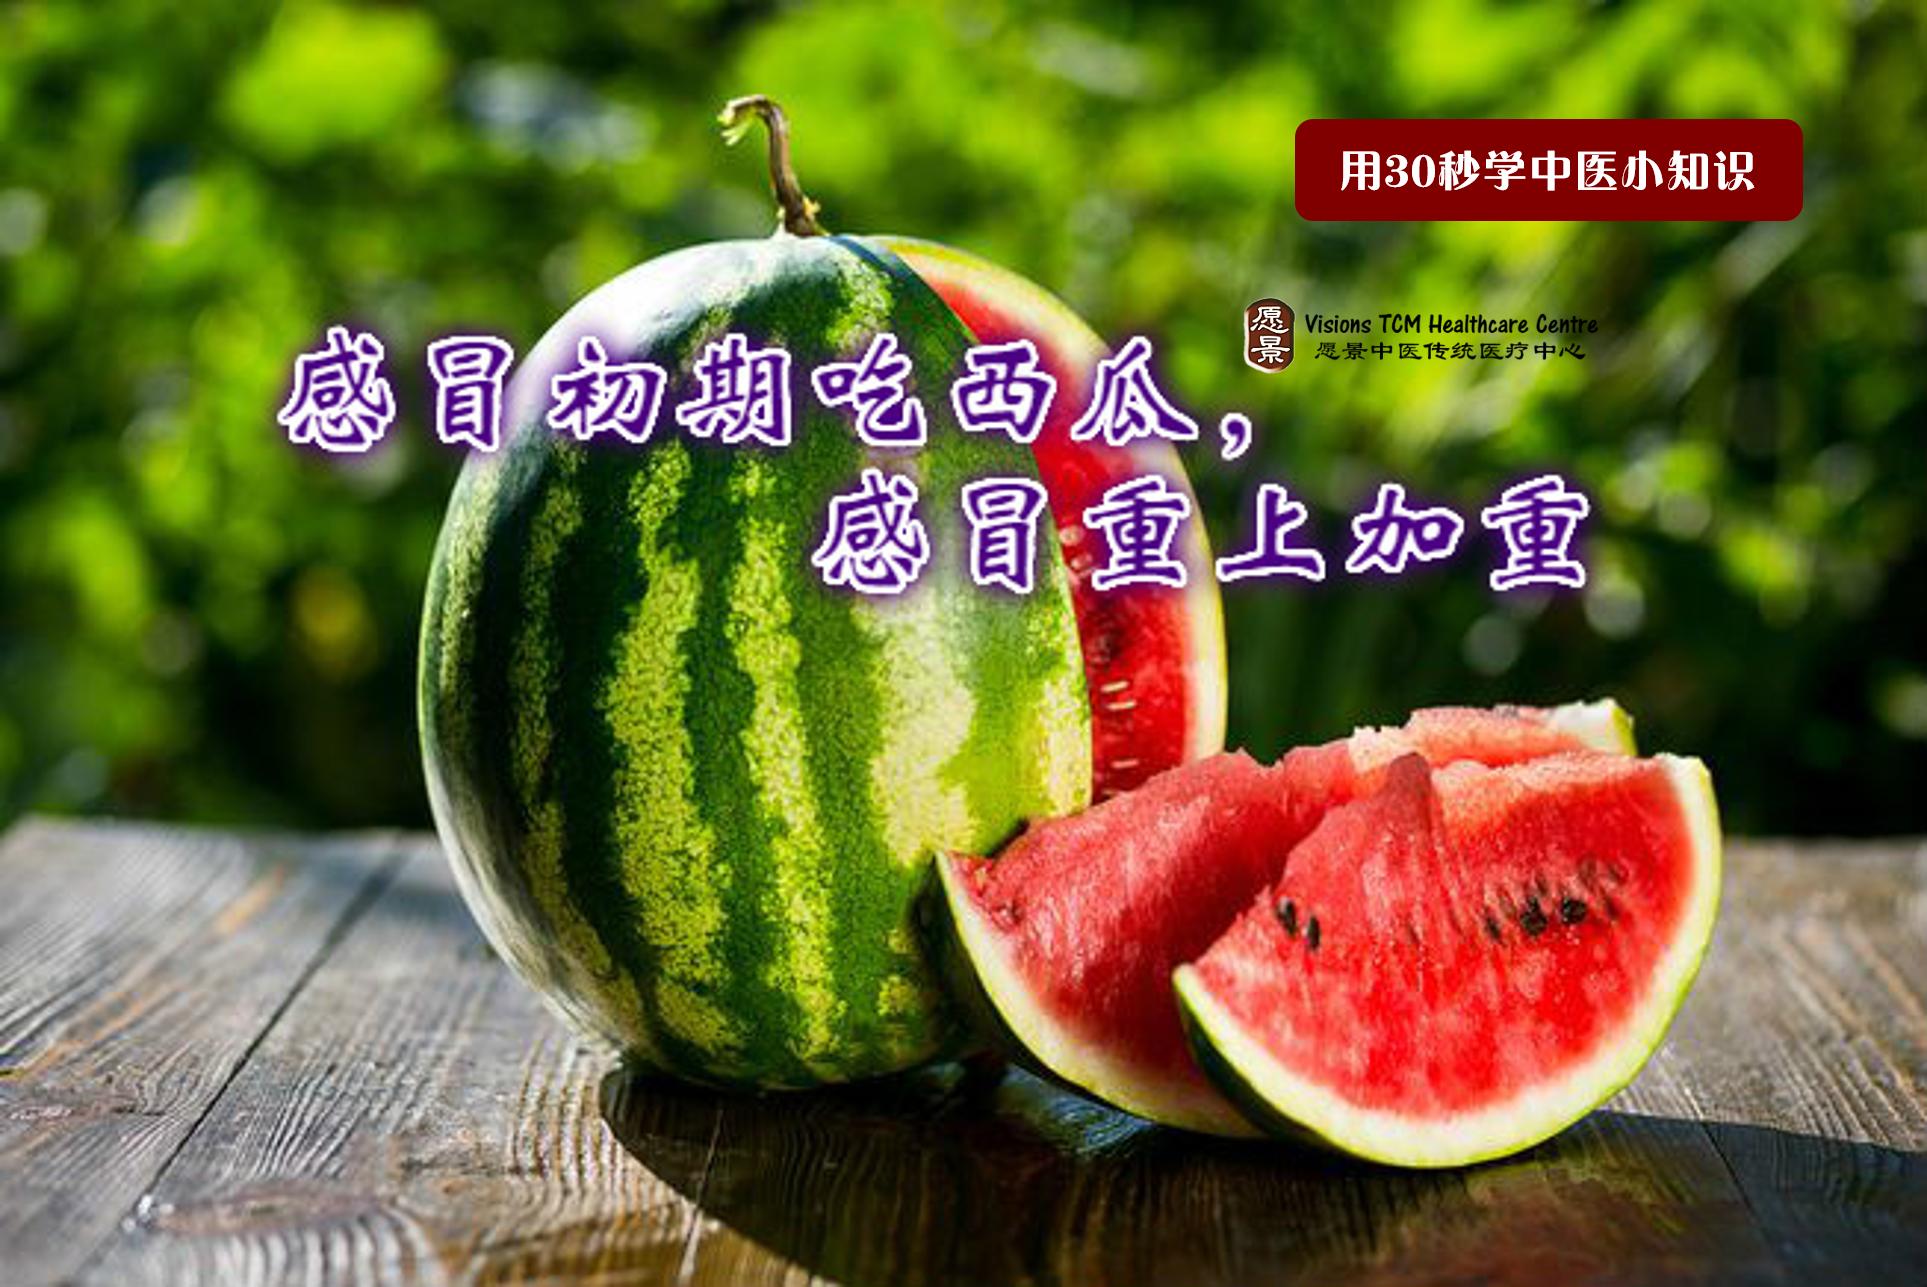 【30秒学习中医小知识】- 感冒初期吃西瓜,感冒重上加重